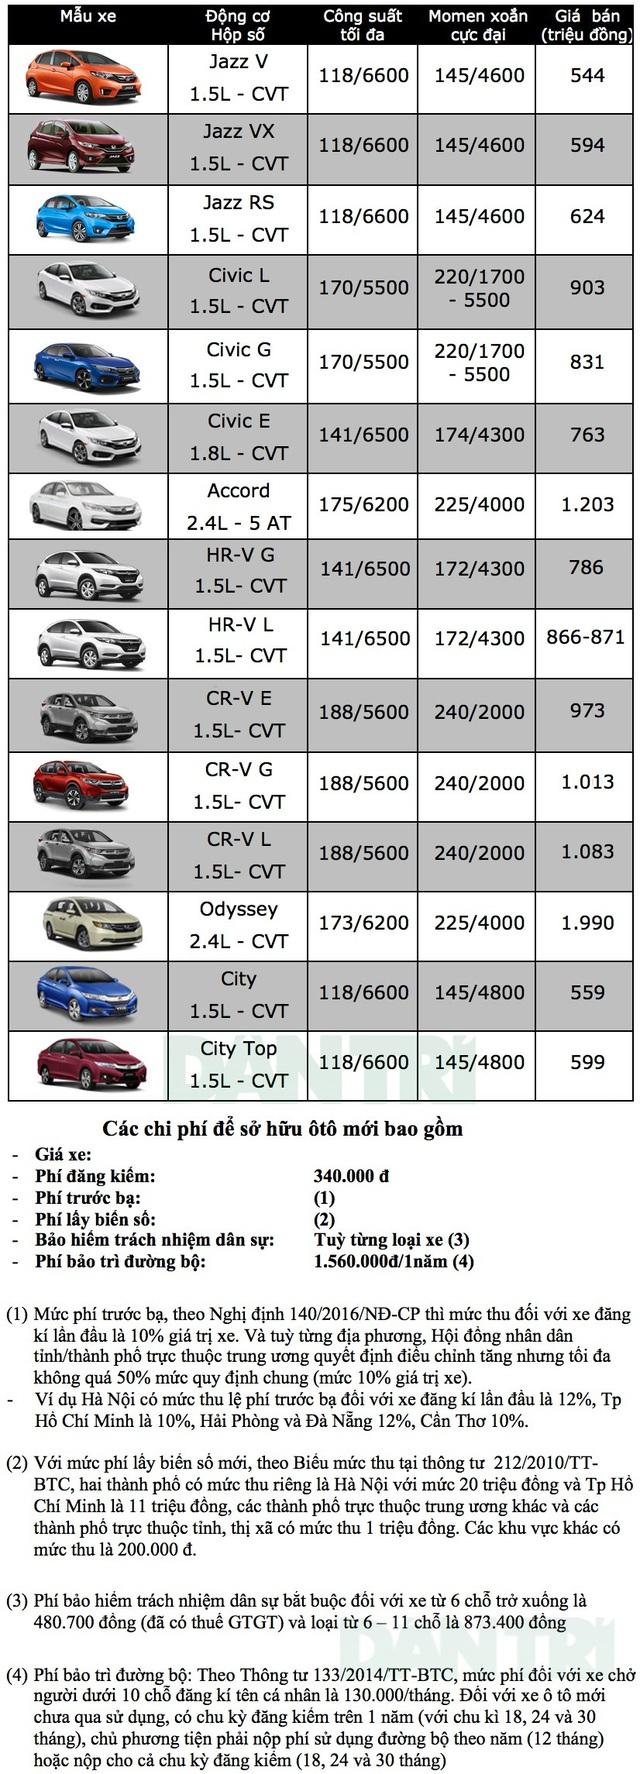 Bảng giá xe Honda tại Việt Nam cập nhật tháng 9/2018 - 1